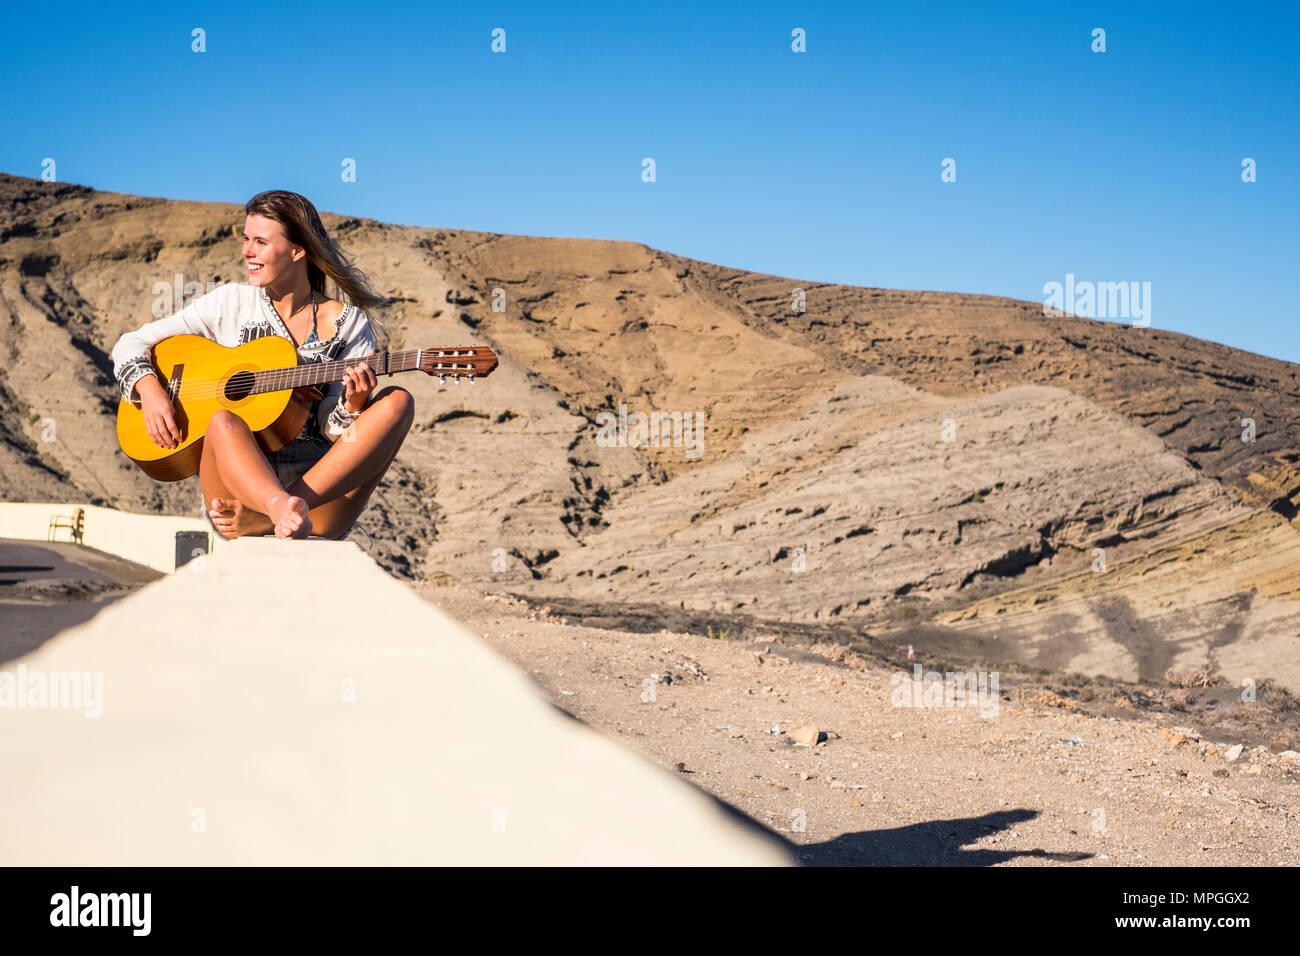 Nippy und alternative lifestyle Konzept für Blonde kaukasischen Modell Lächeln im Freien mit Bergen im Hintergrund und spielen eine alte akustische Gitarre Stockbild